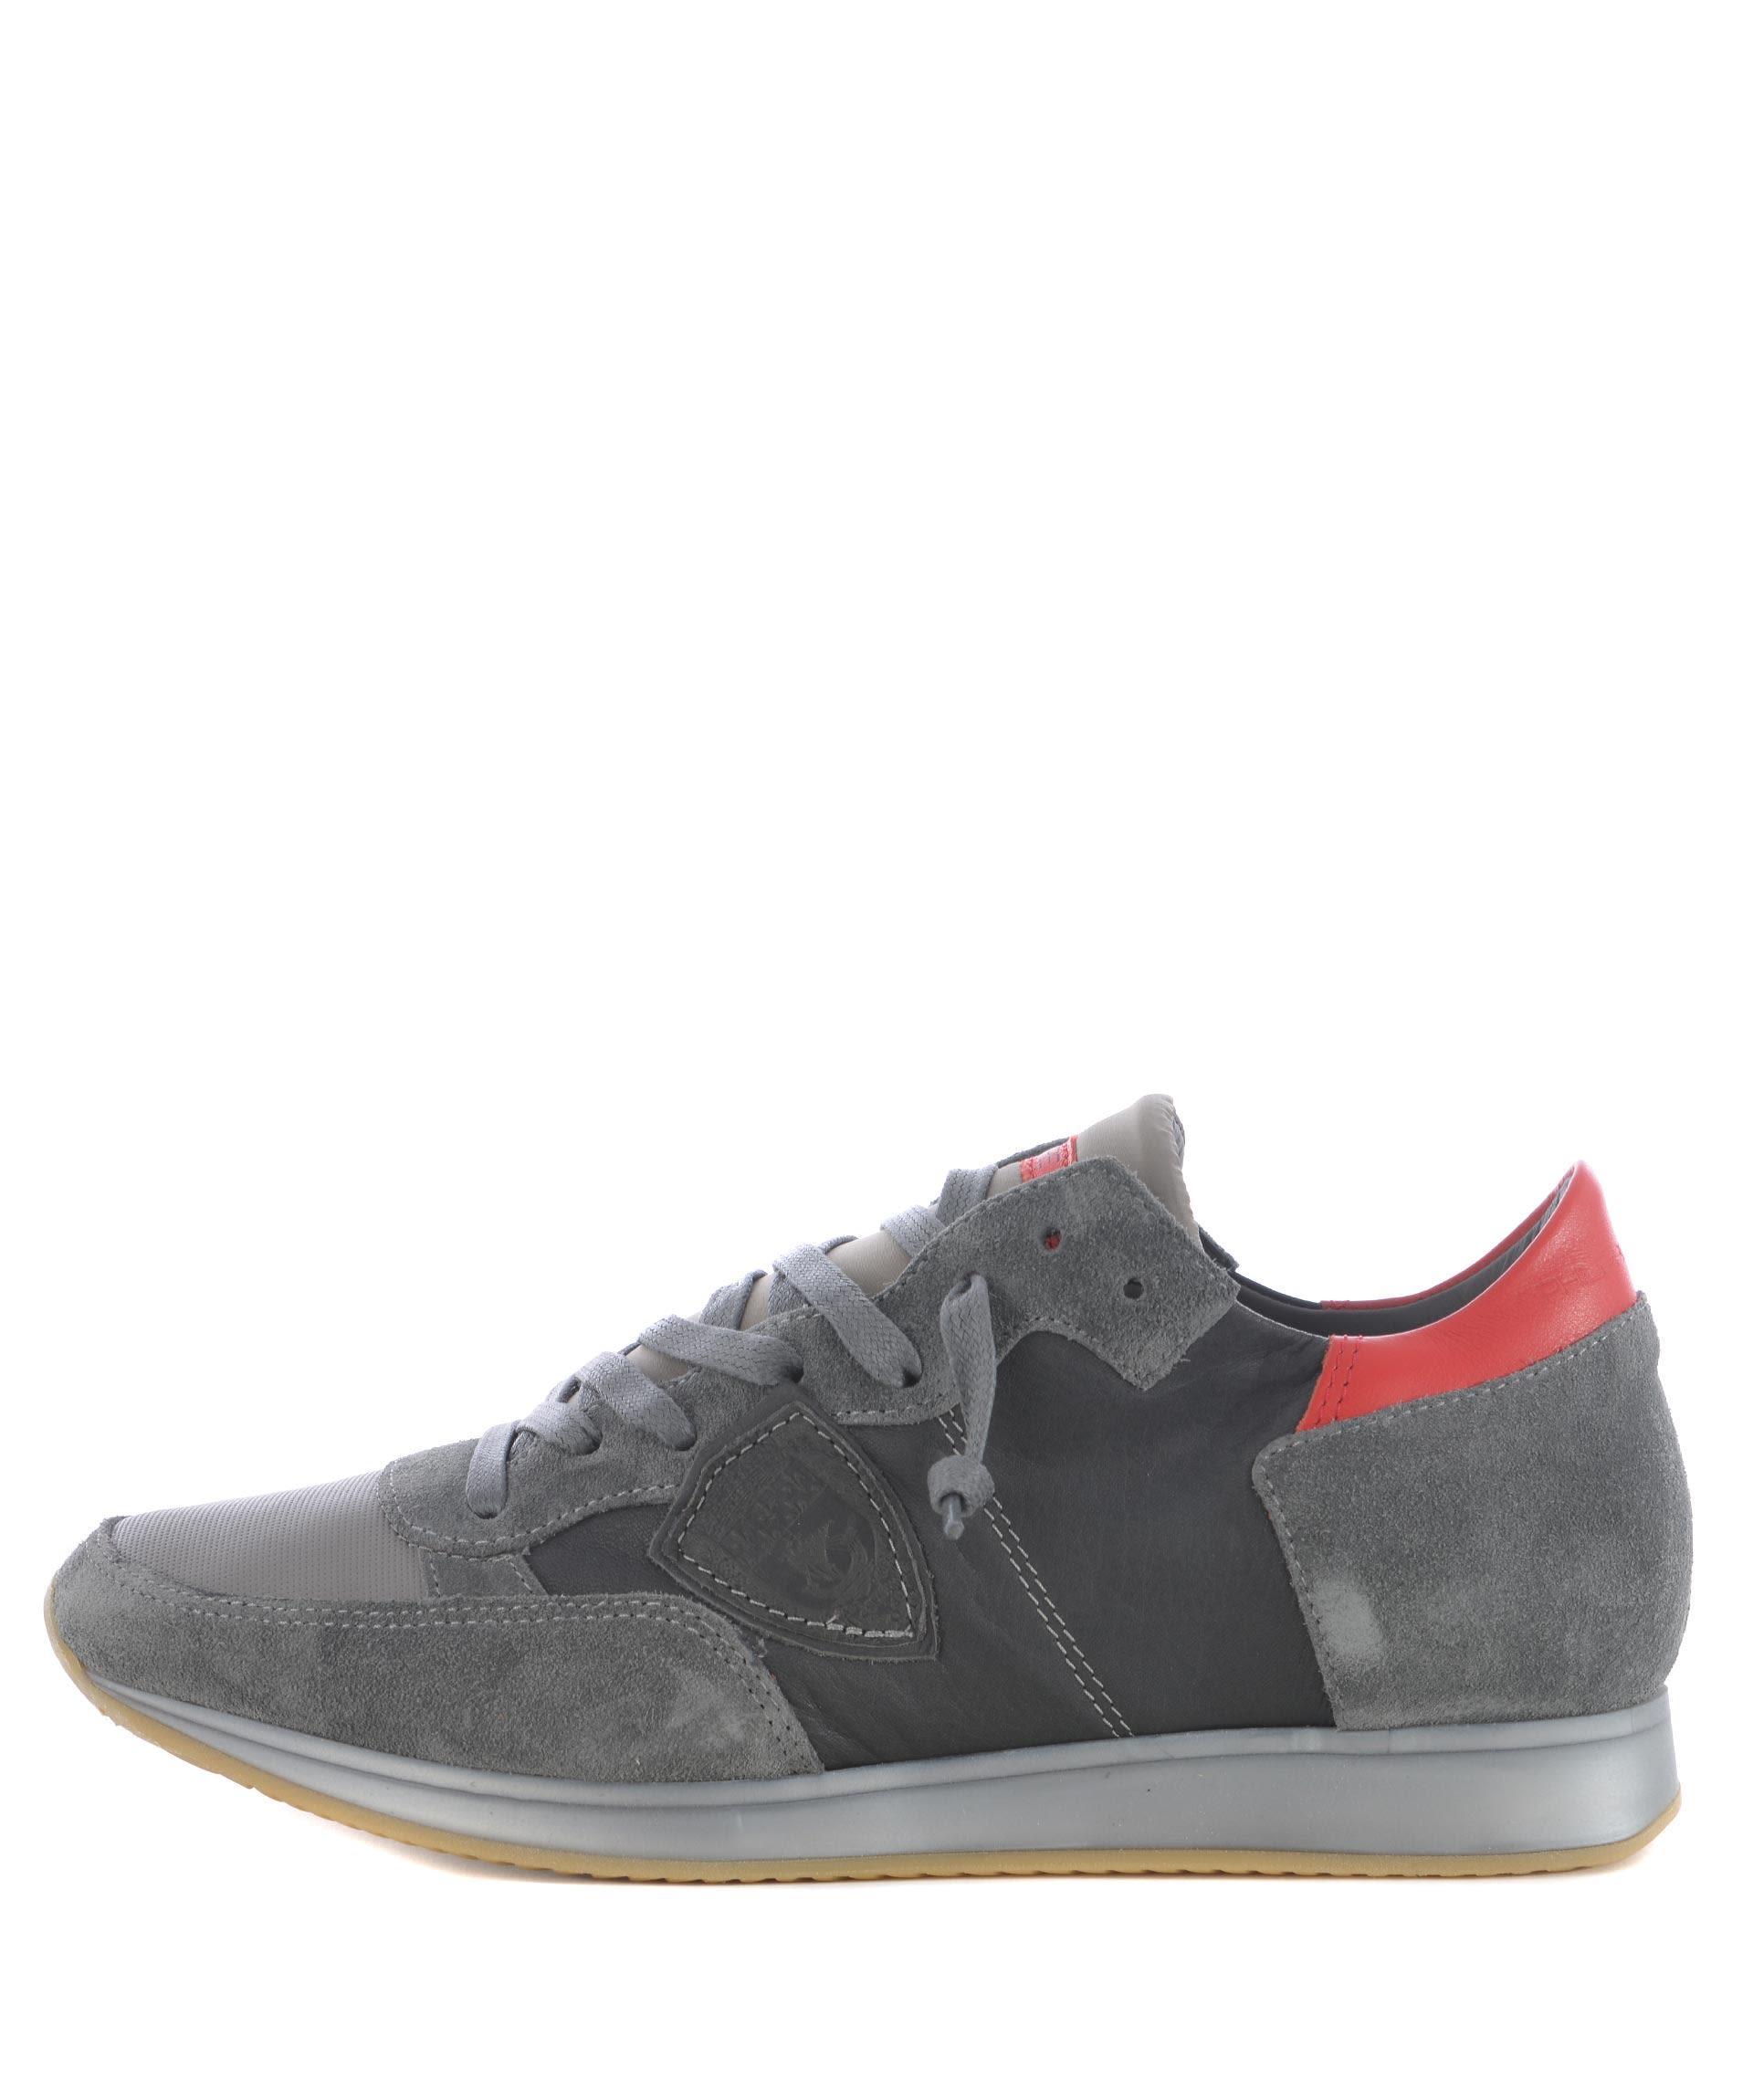 Philippe Model Tropez Sneakers In Grigio Scuro